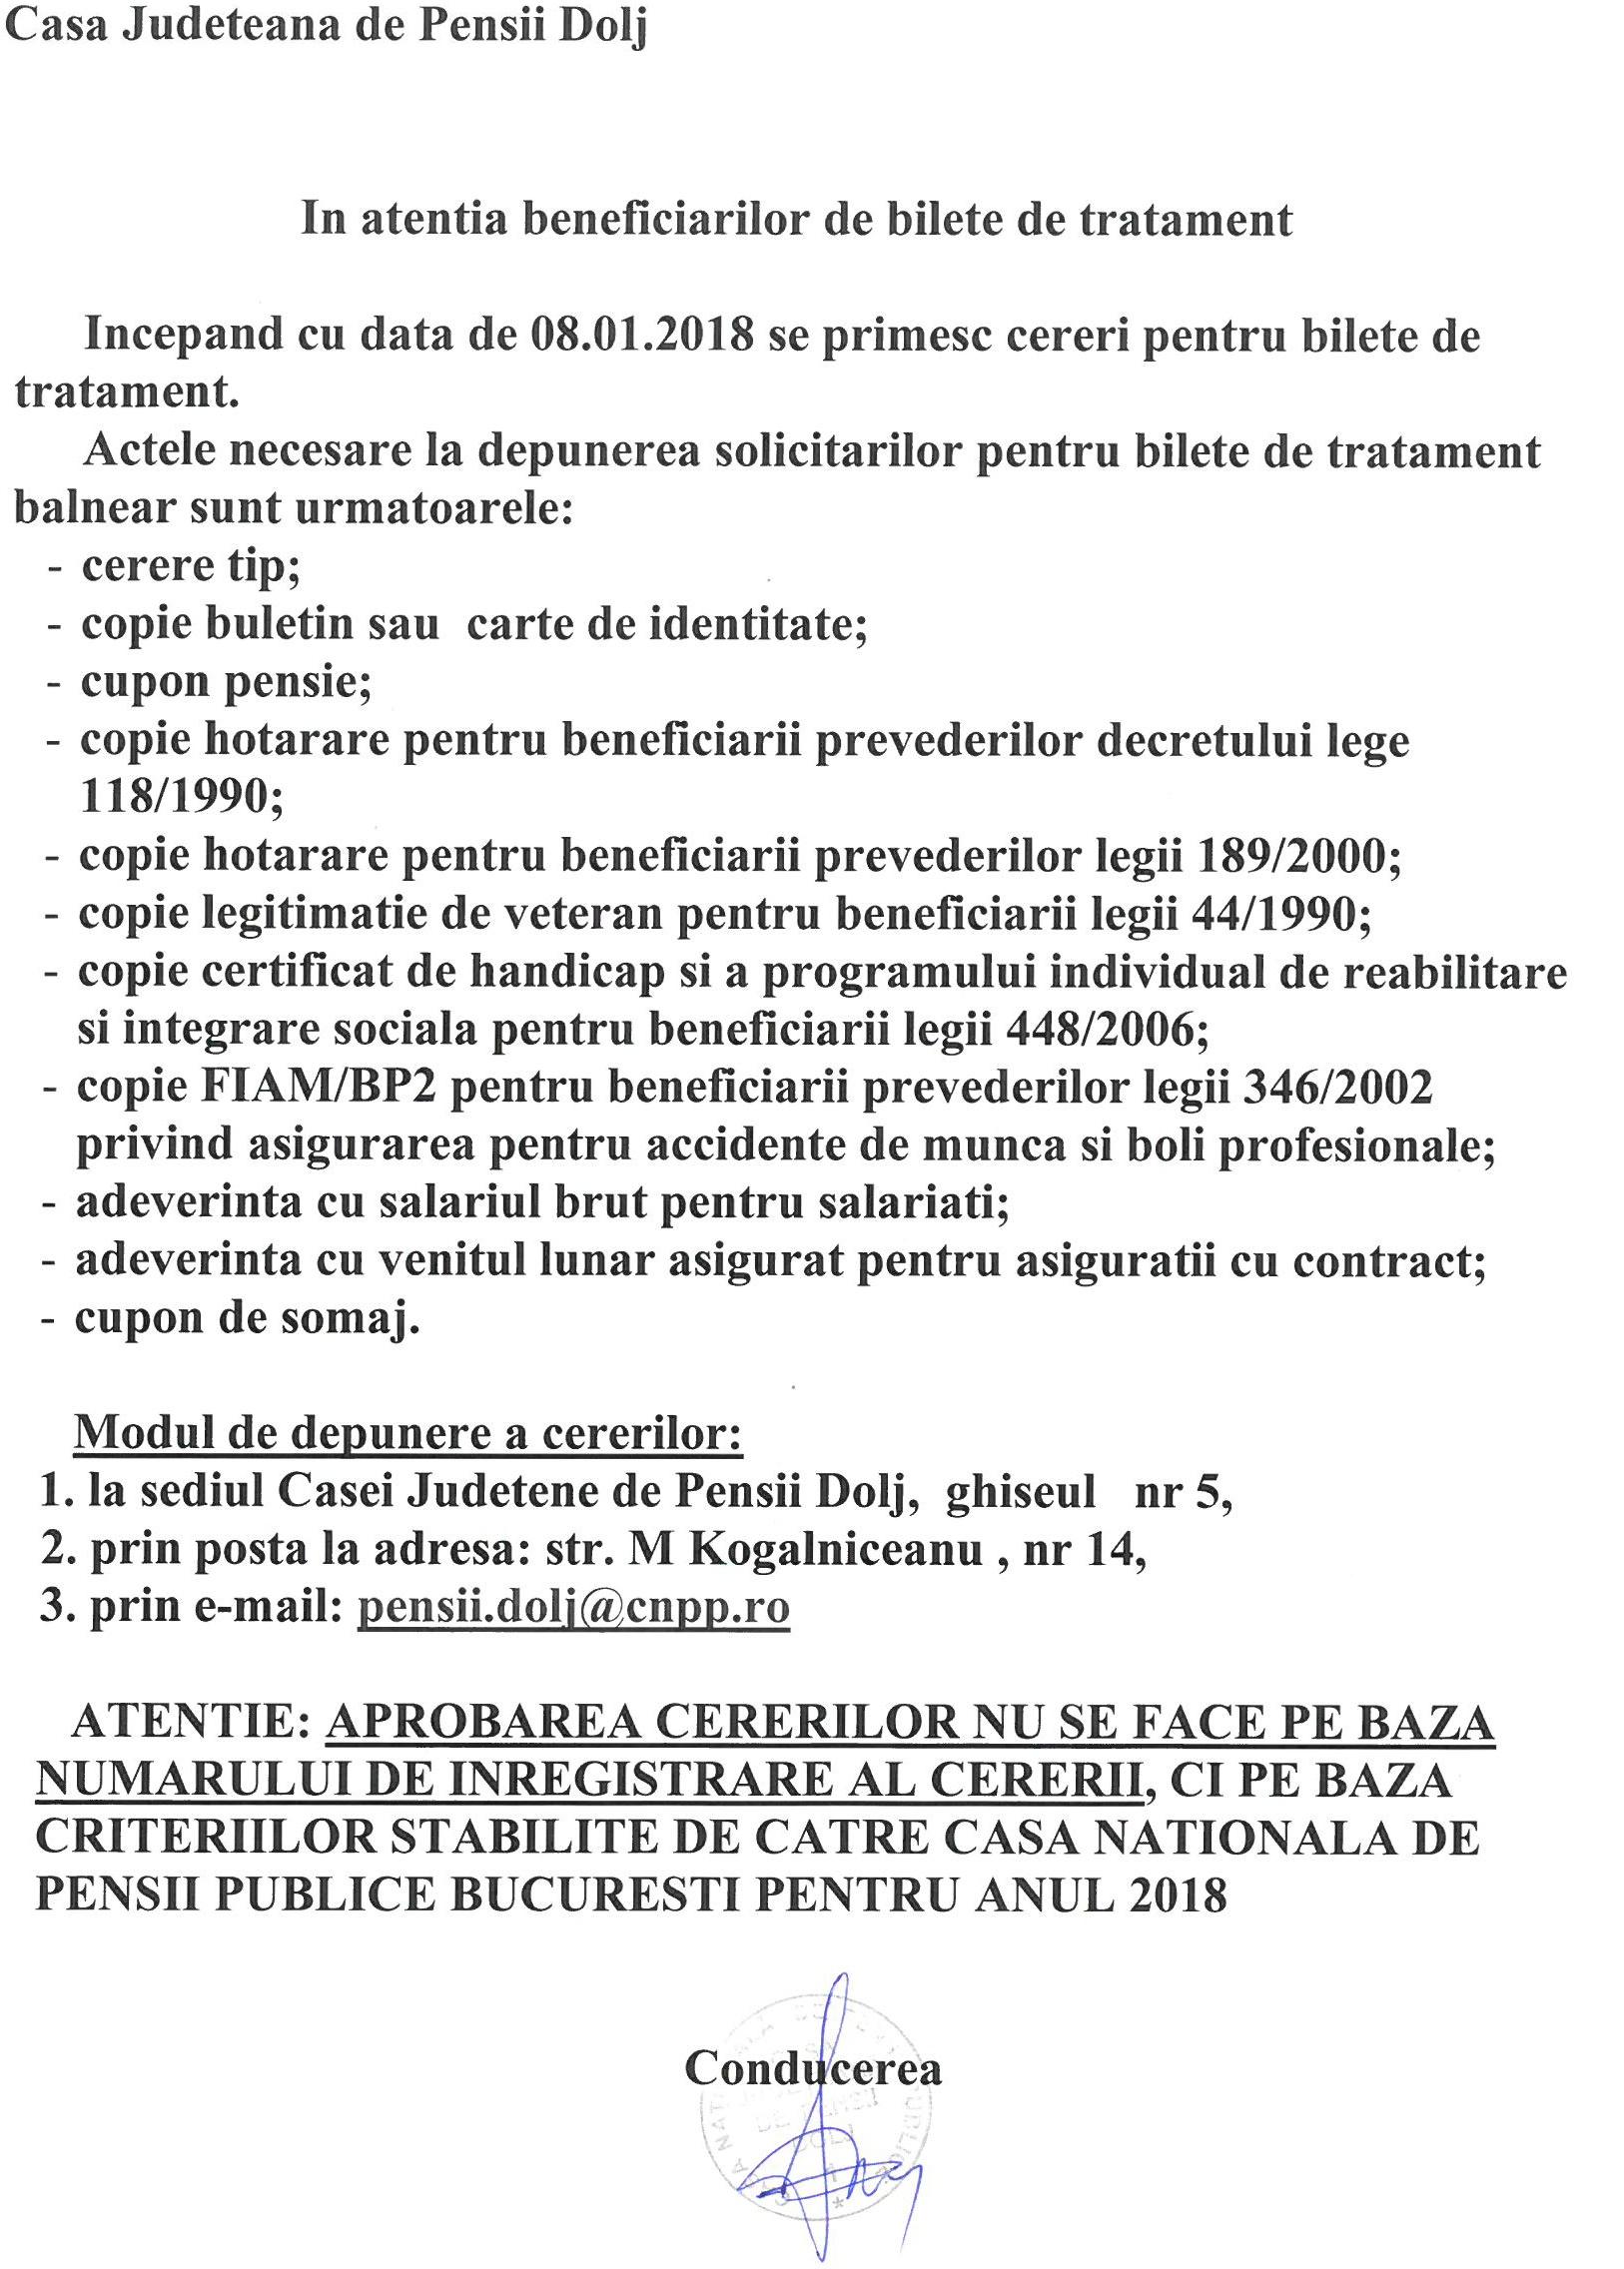 bilet de tratament comun